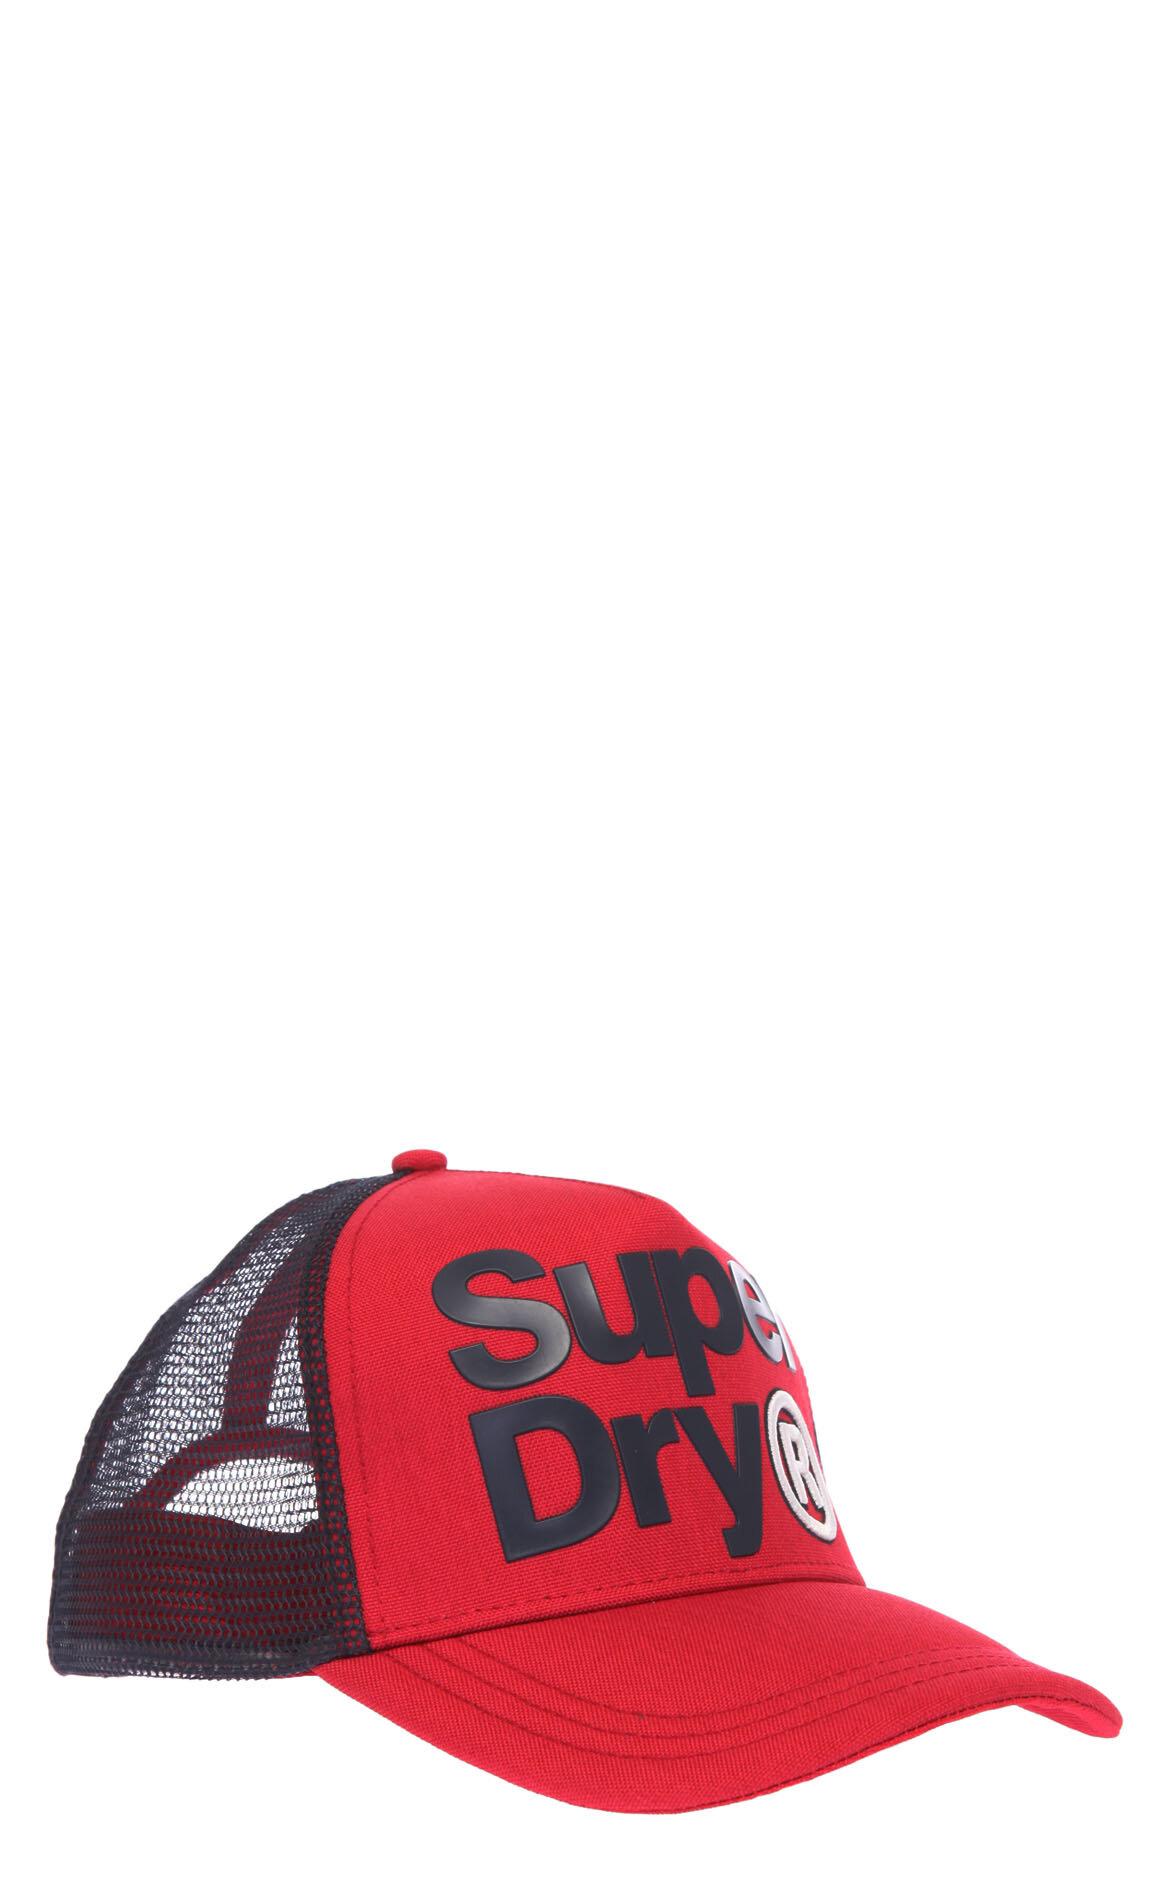 Superdry-Superdry Şapka